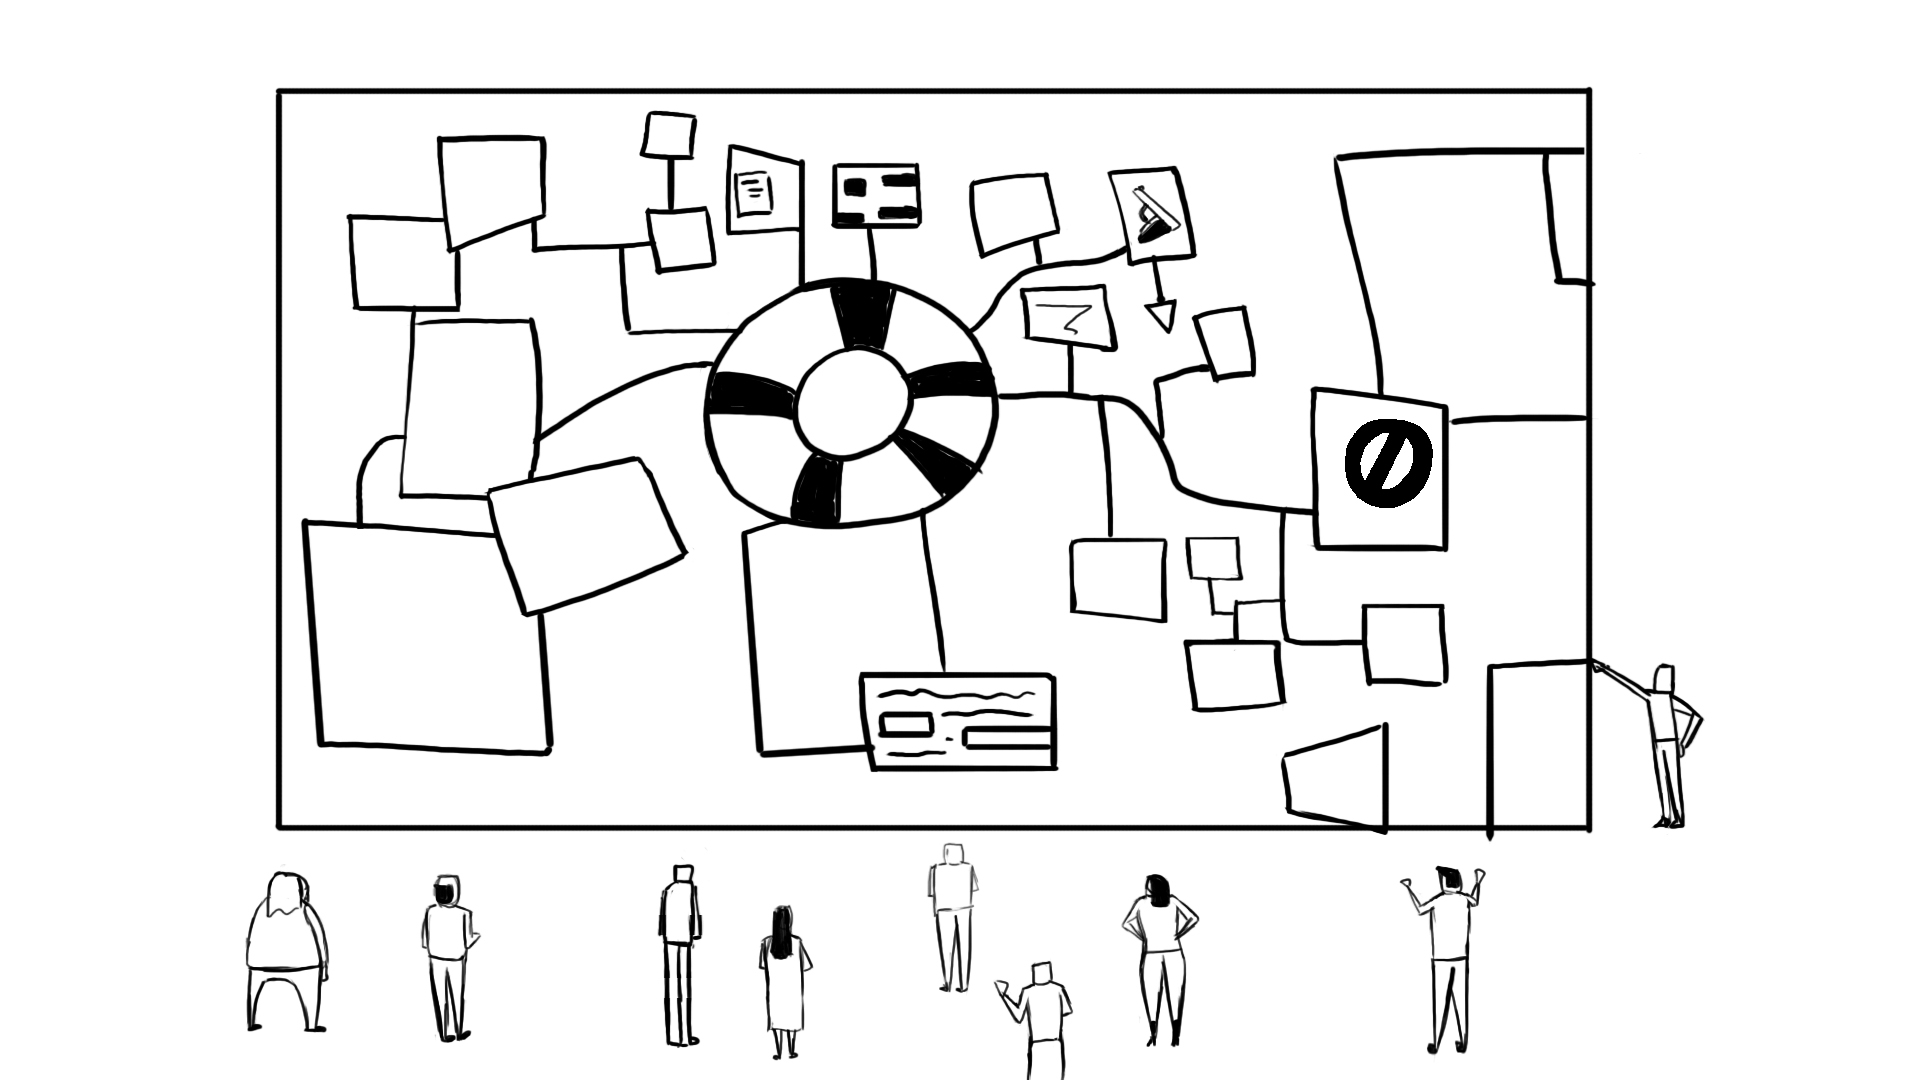 concept_sketches_06